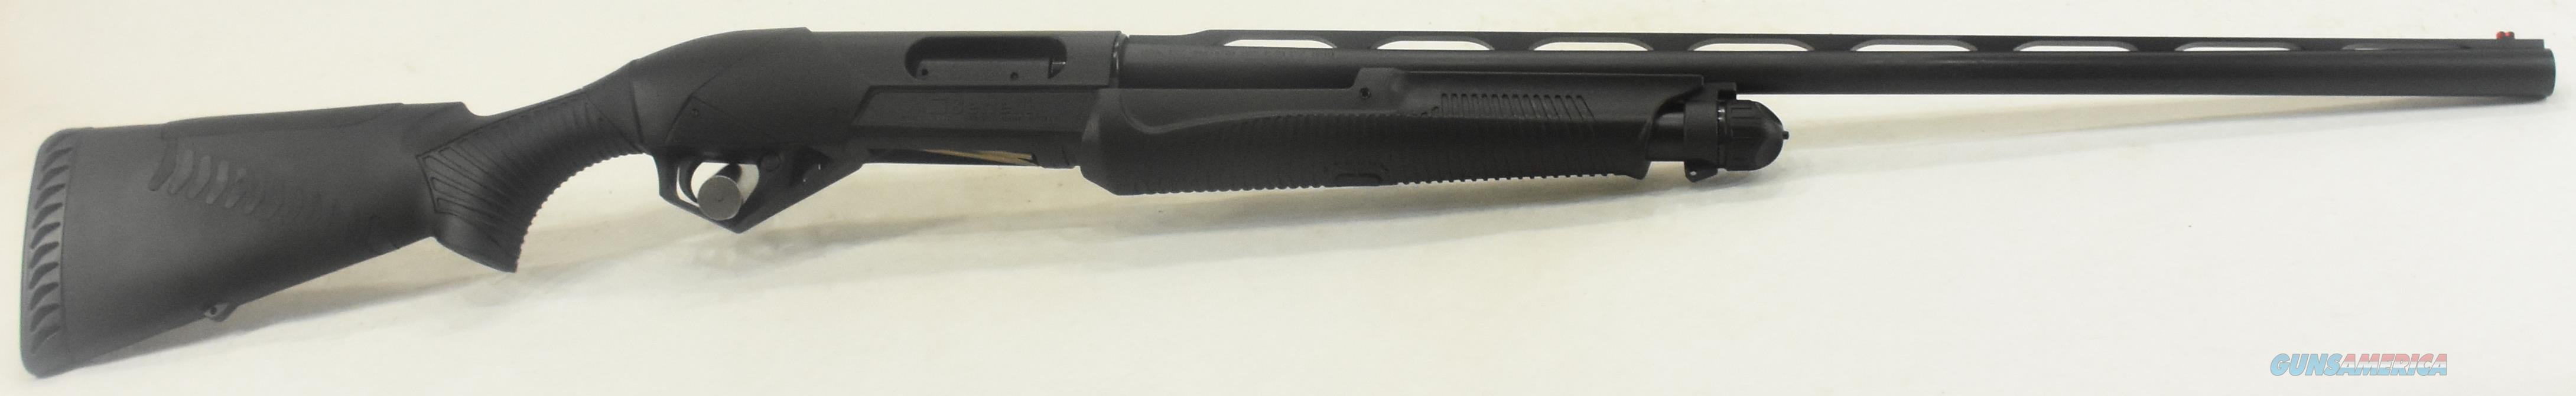 20100 Benelli SuperNova All Black 12 Ga 28-3.5In  Guns > Shotguns > Benelli Shotguns > Sporting